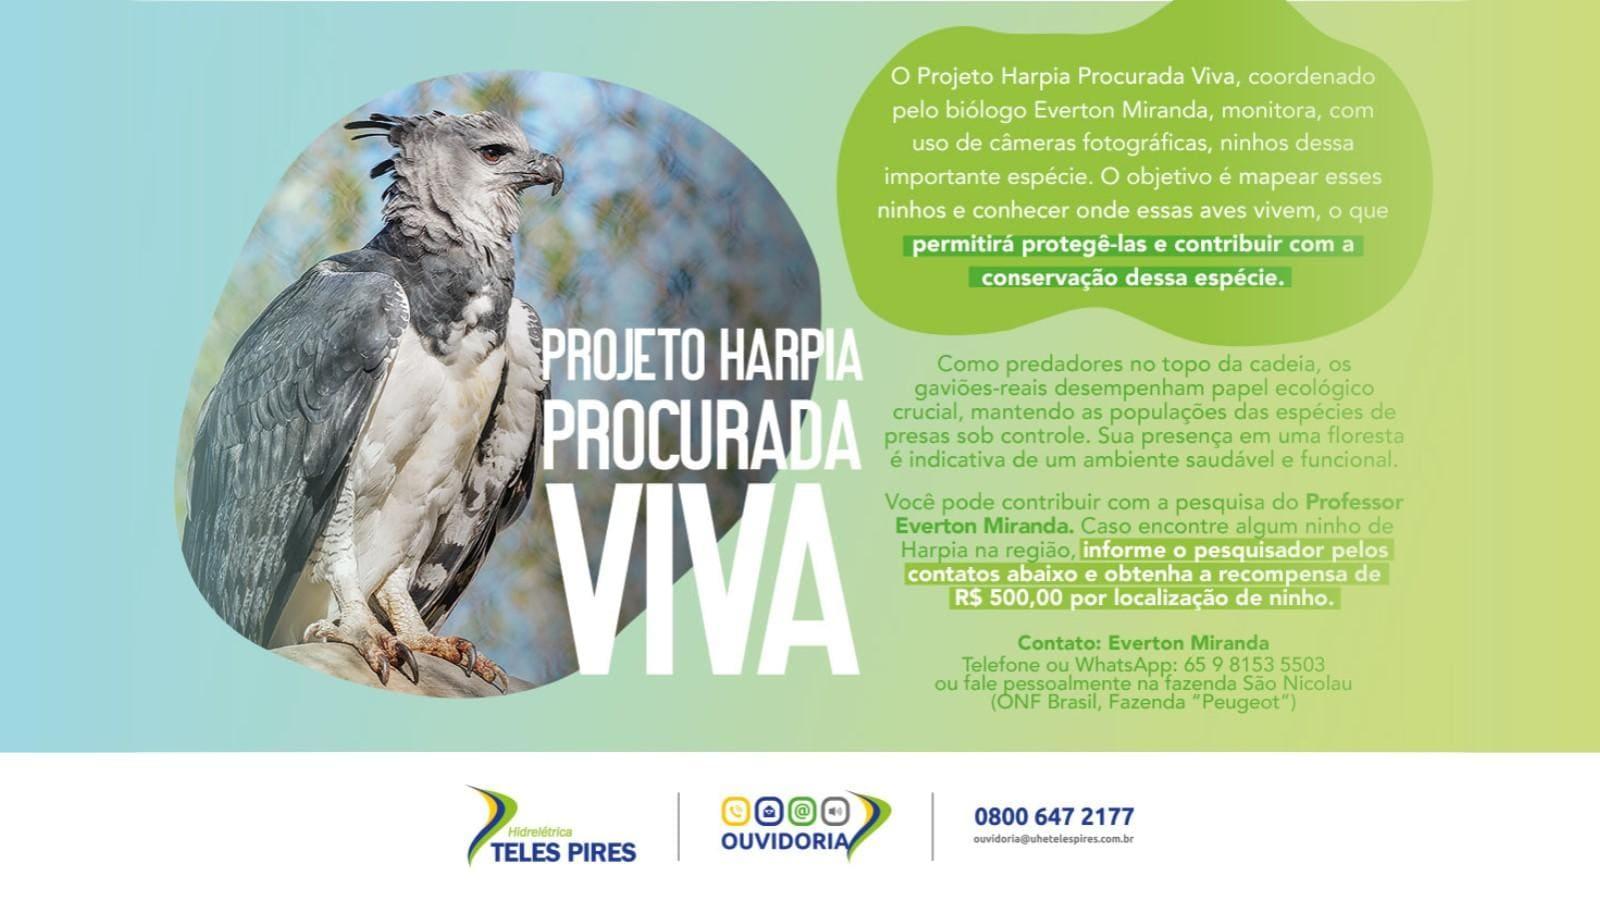 Projeto Harpia Procurada Viva